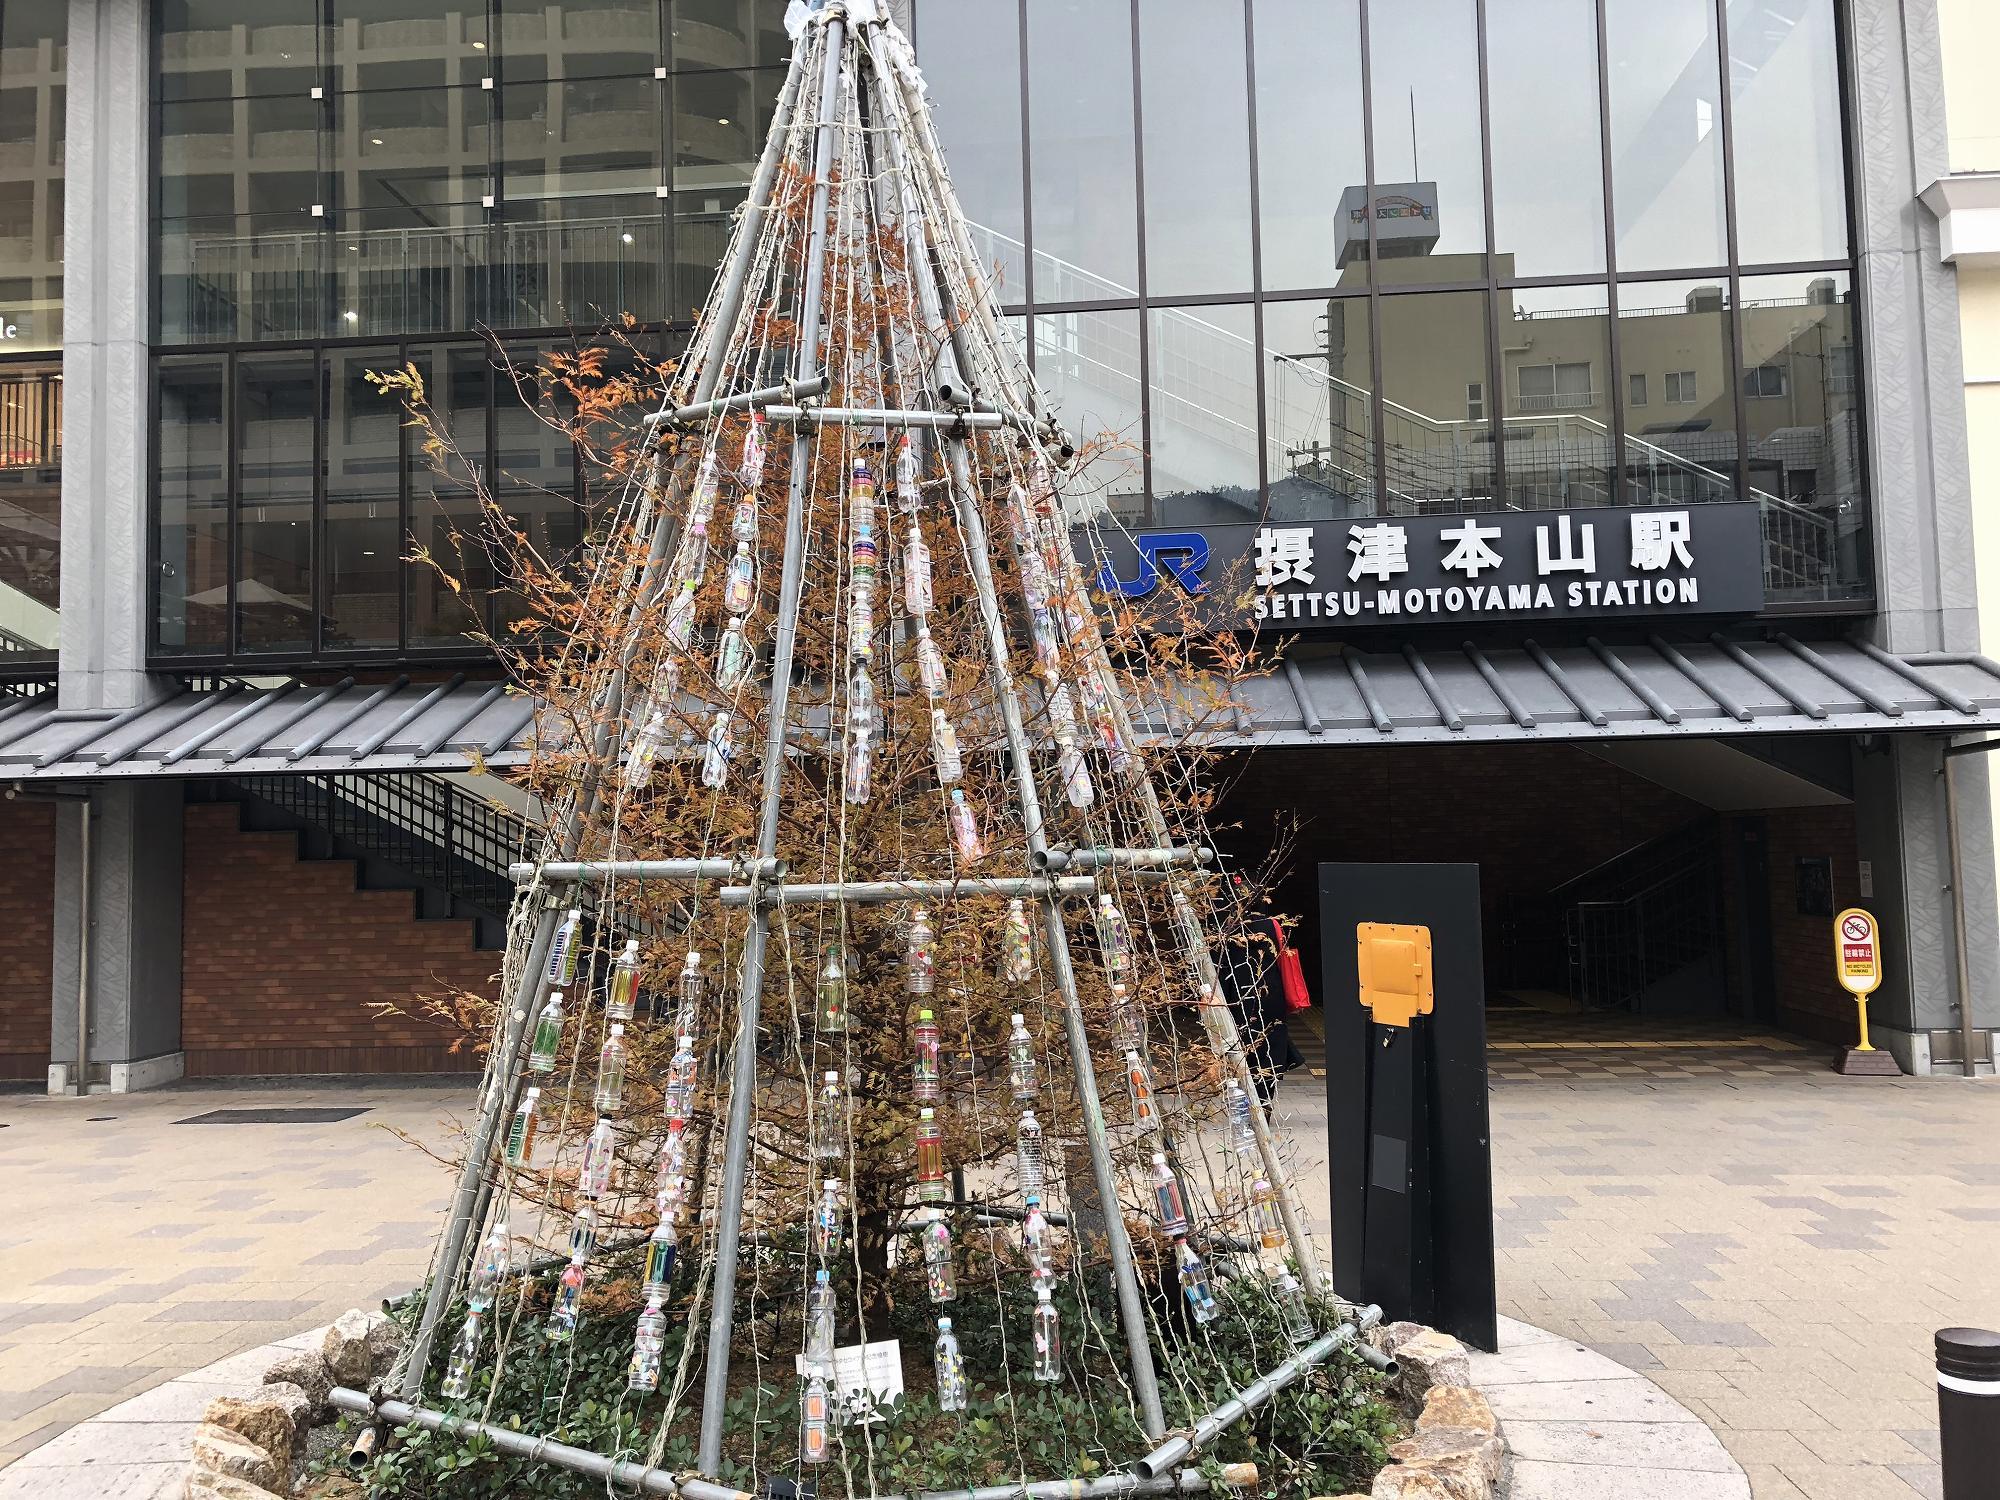 【※写真追加更新】神戸・摂津本山駅北側のシンボルツリー、華やかな点灯を楽しもう! #クリスマス #摂津本山 #東灘